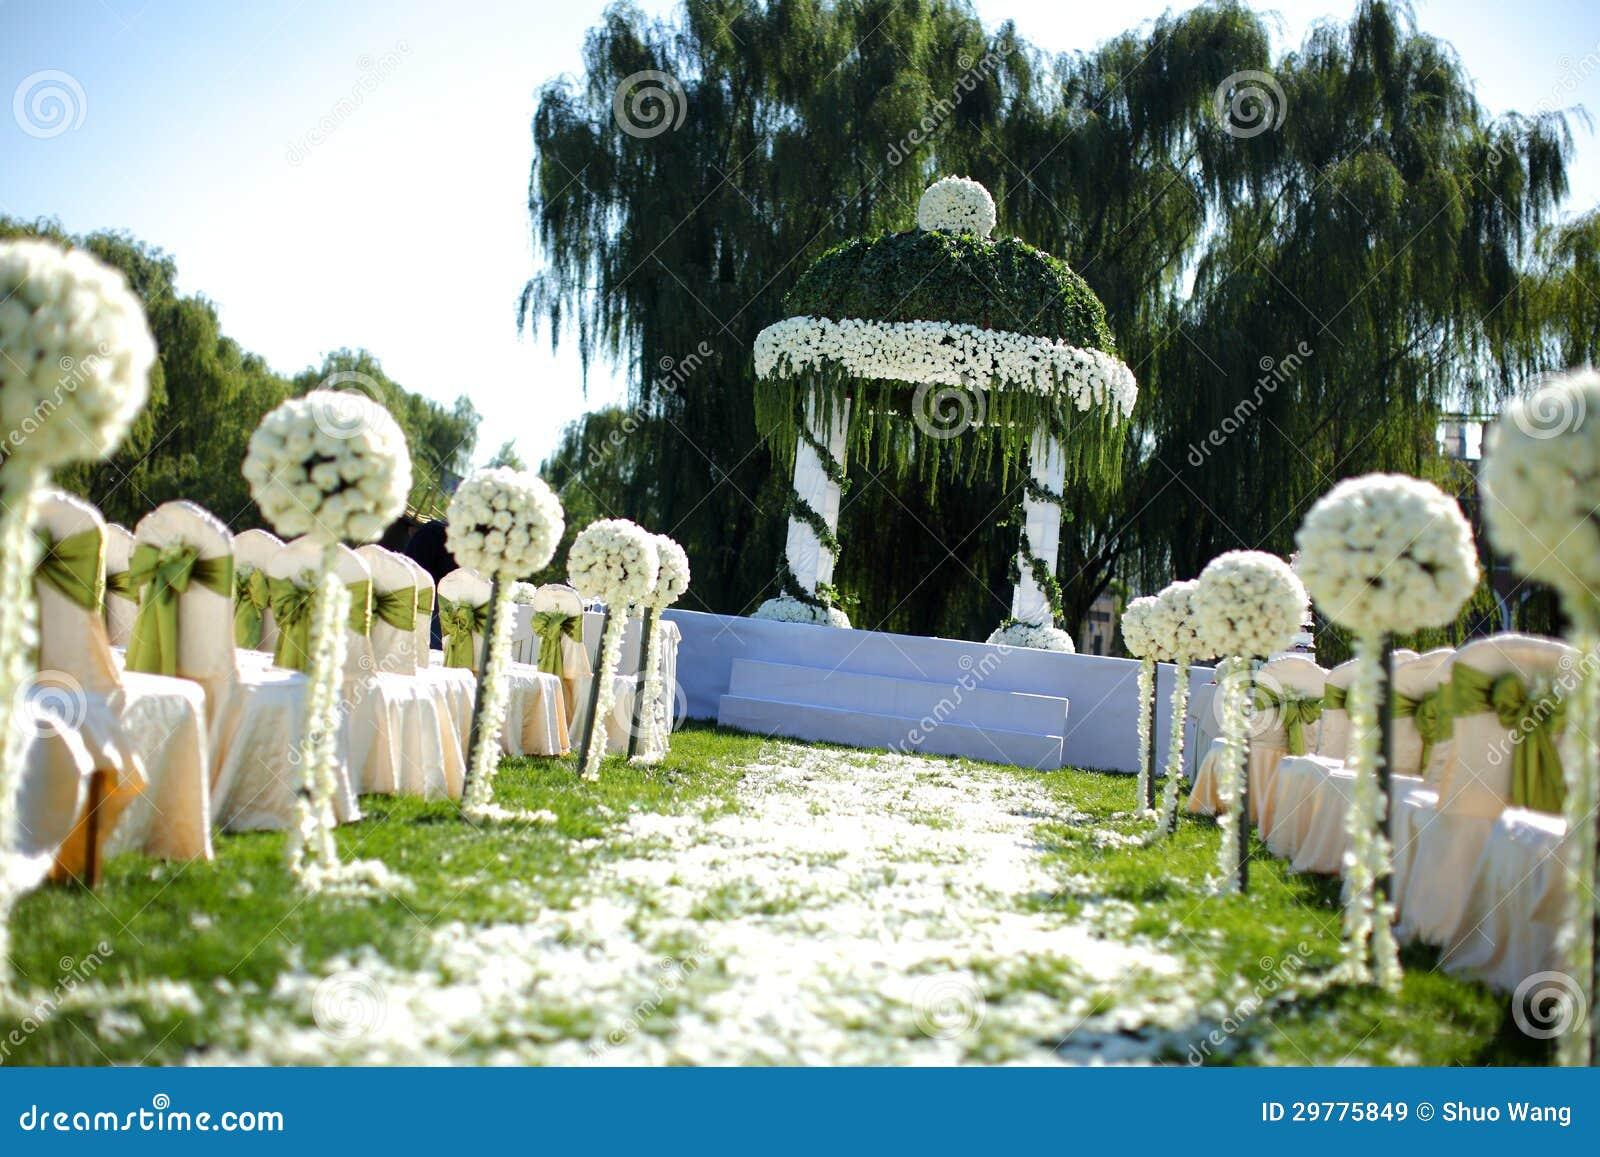 Hochzeit Szene Im Freien Stockbild Bild Von Verpflichtung 29775849